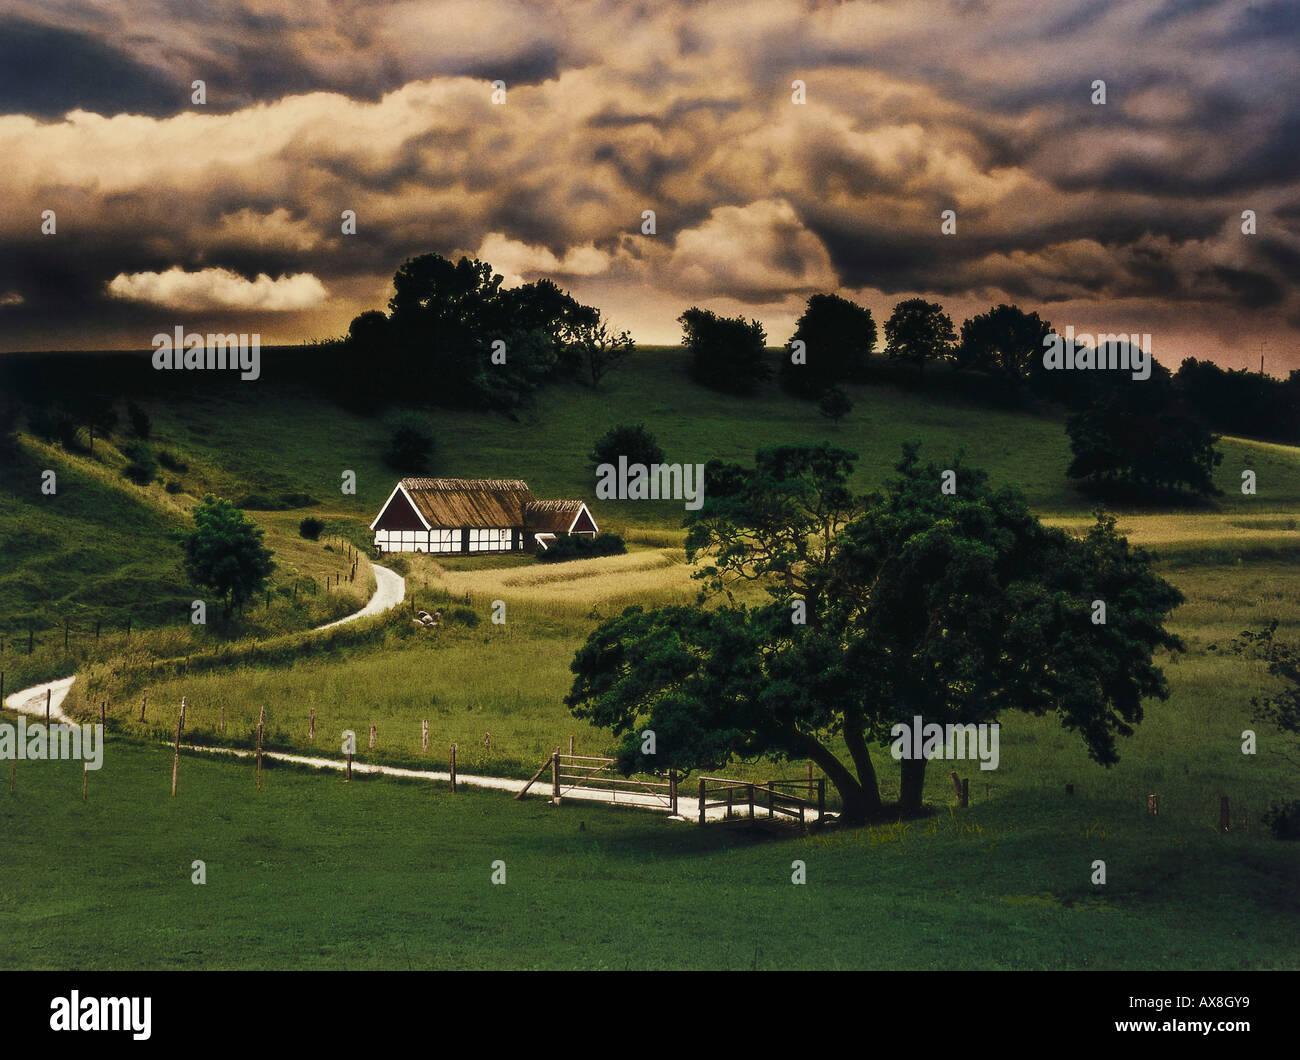 Henning Mankell, Moerder ohne Gesicht, Bauernhof bei Torup Skane, Schweden - Stock Image